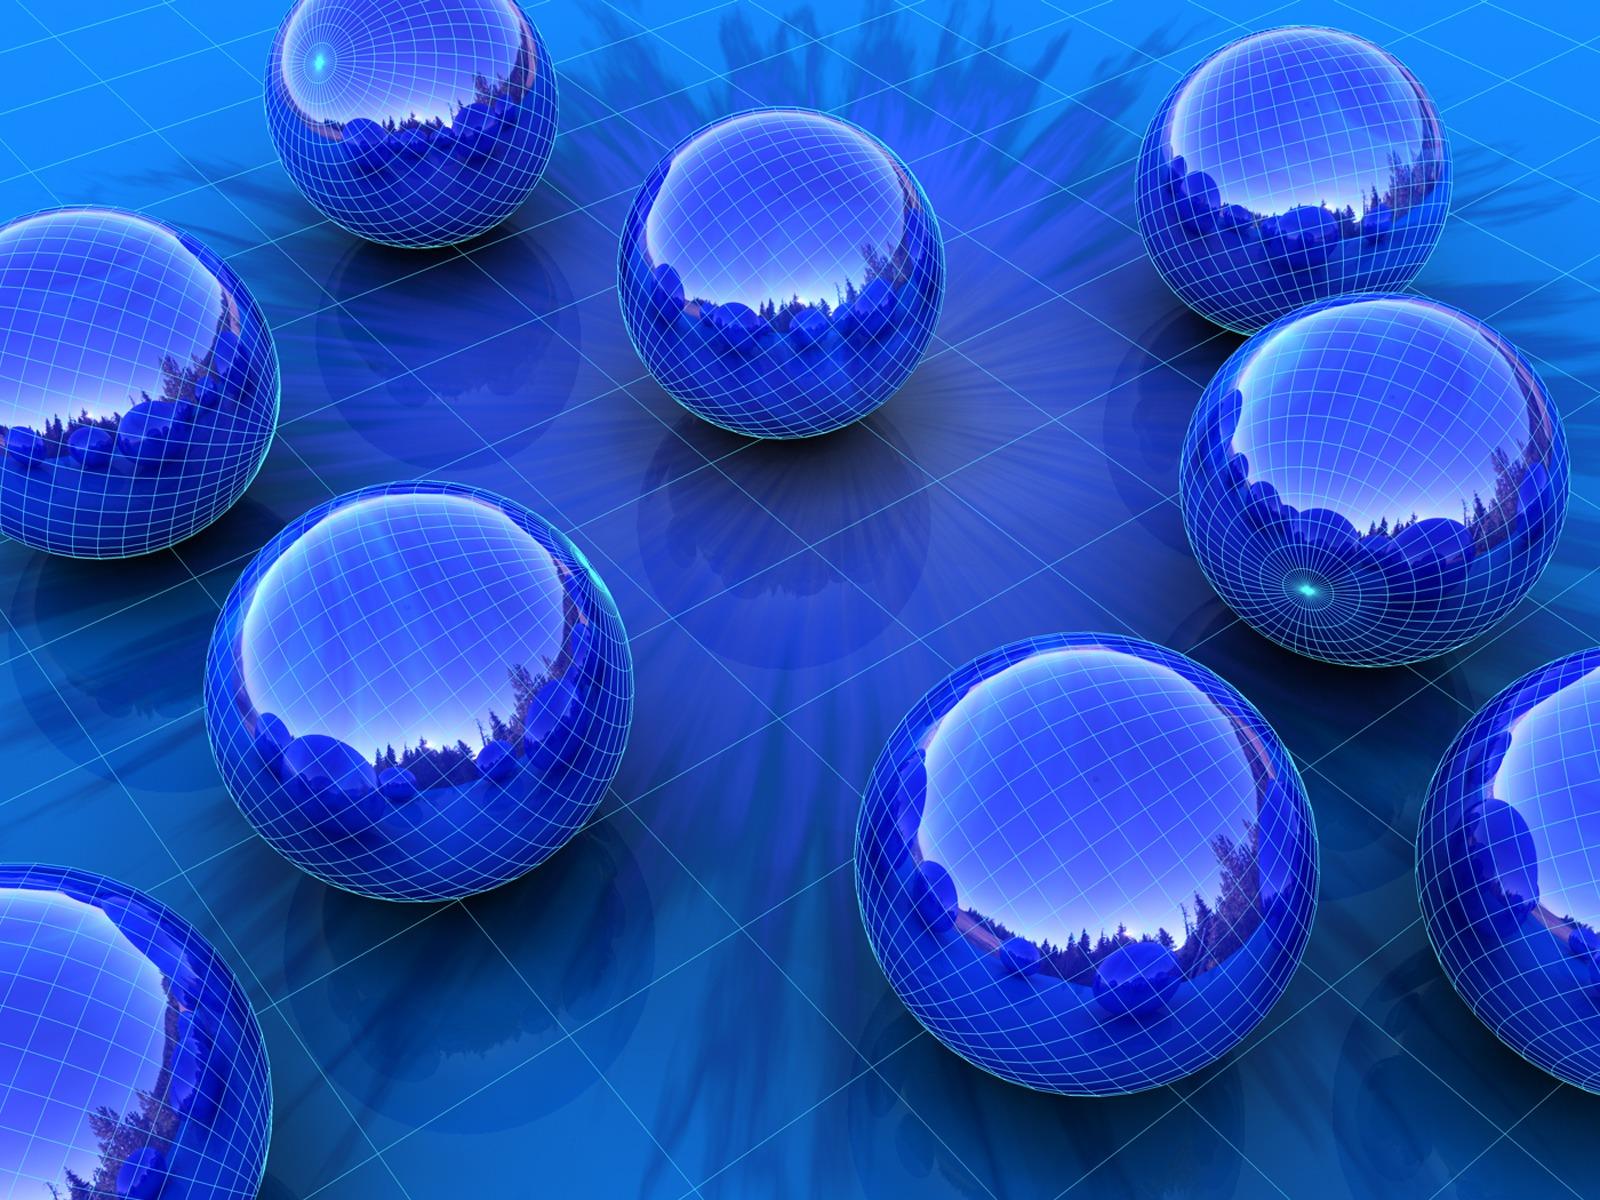 Blue Spheres Wallpaper 3D Models 3D Wallpapers In Jpg